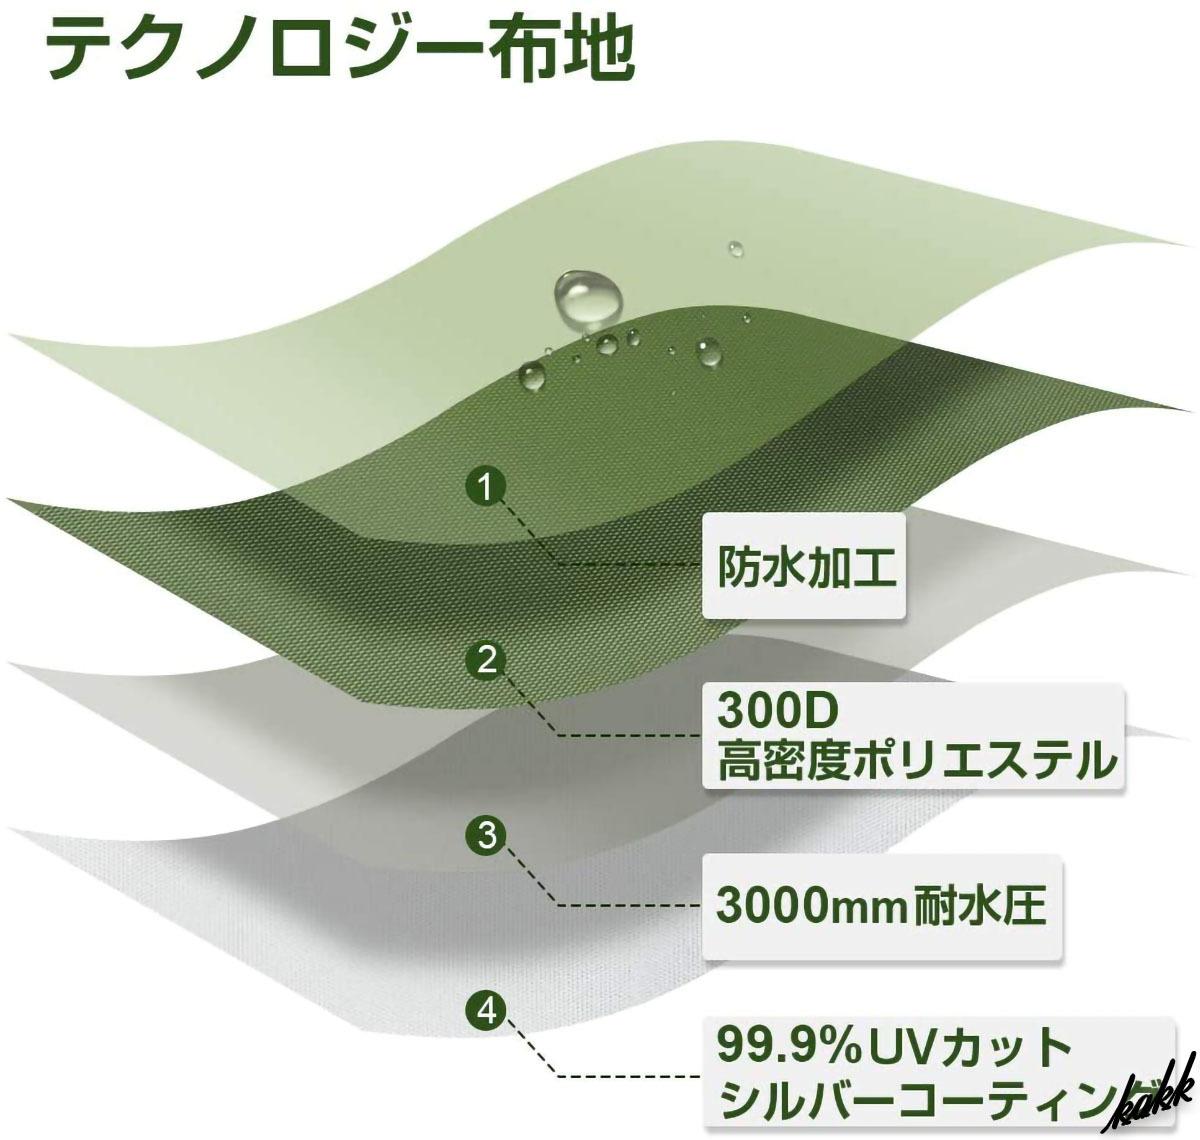 【コンパクト収納】 大型 スクエアタープ 500×300cm UPF50+ 耐水圧3000mm シーム加工 シルバーコーティング 防水収納ケース 緑